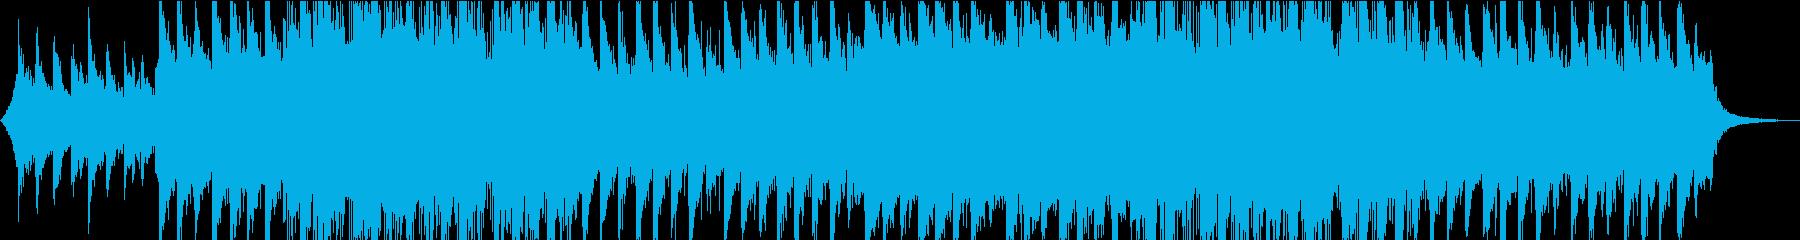 印象に残るメロディのピアノストリングス②の再生済みの波形